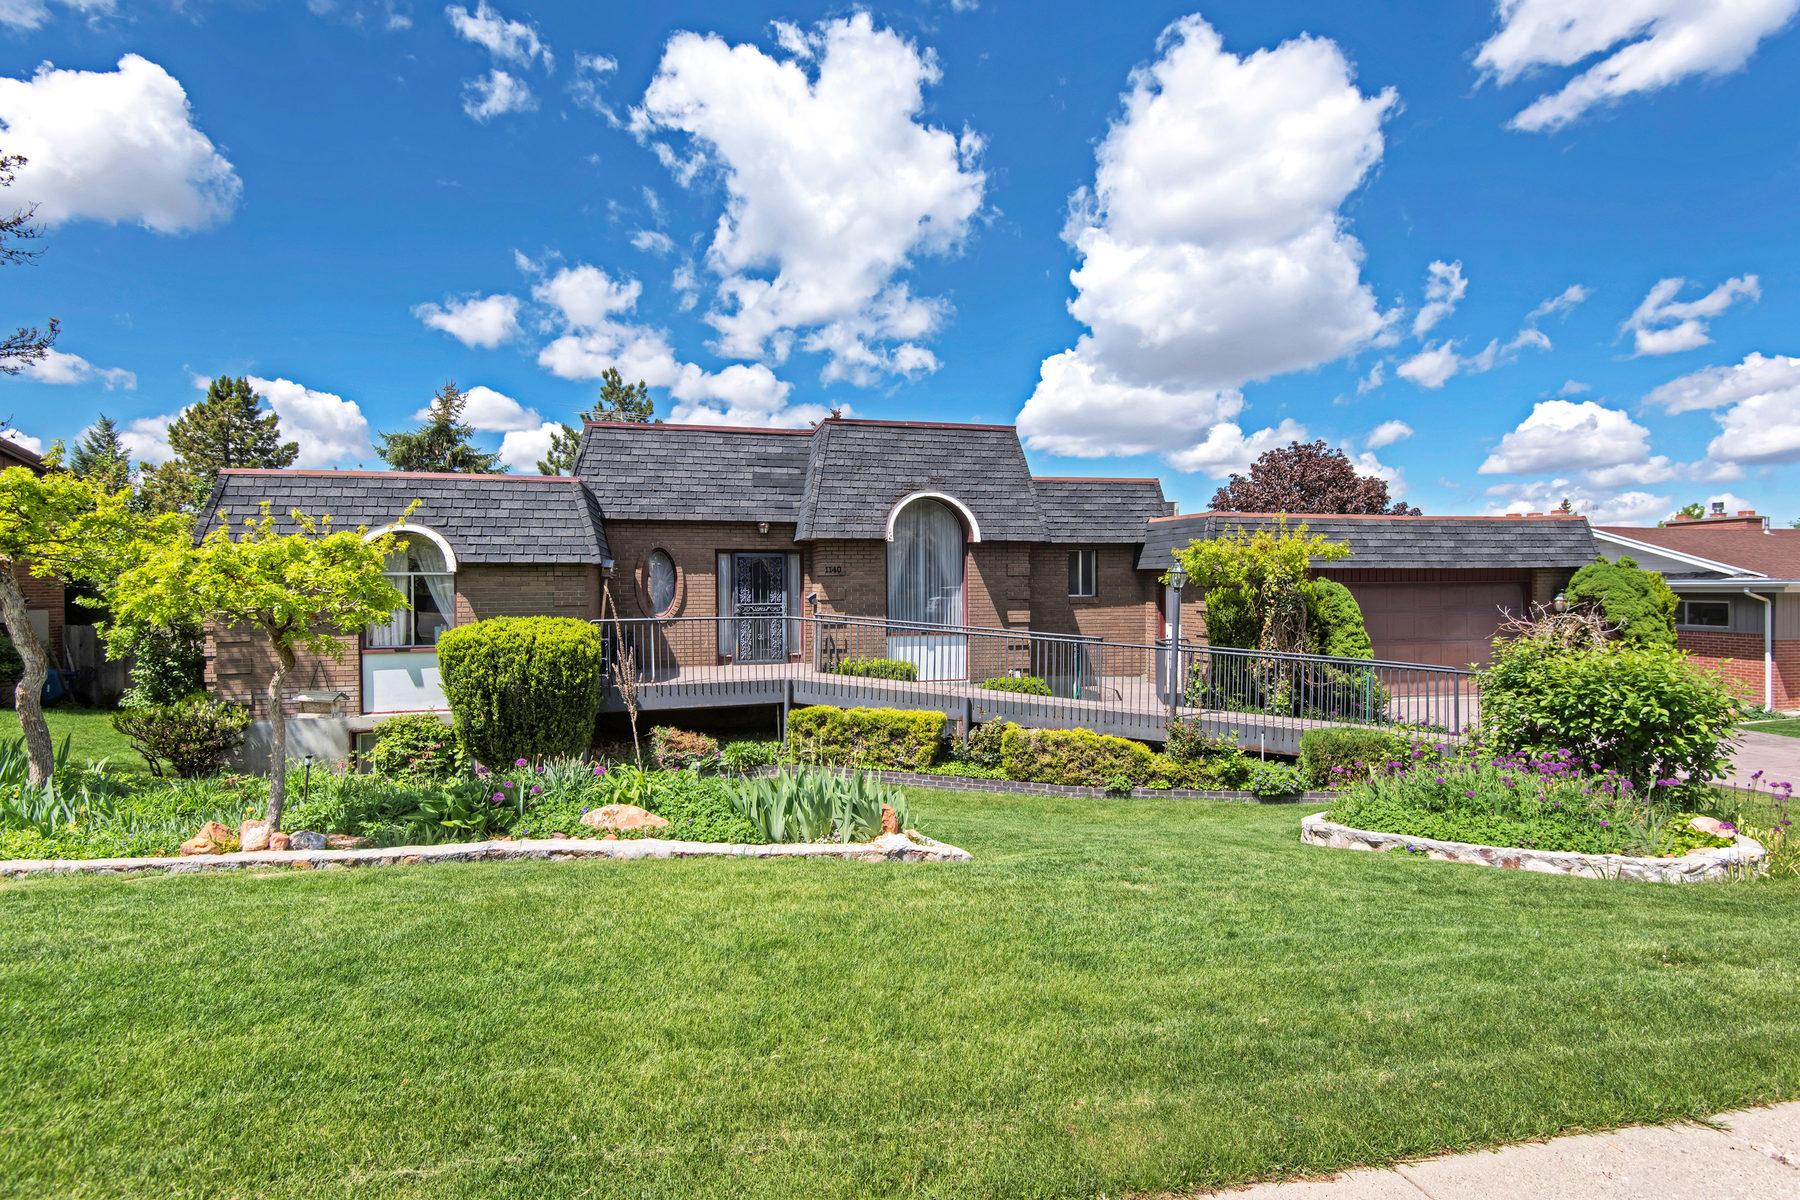 独户住宅 为 销售 在 Custom Home with Unlimited Potential 1140 S Mercedes Way 盐湖城市, 犹他州, 84108 美国